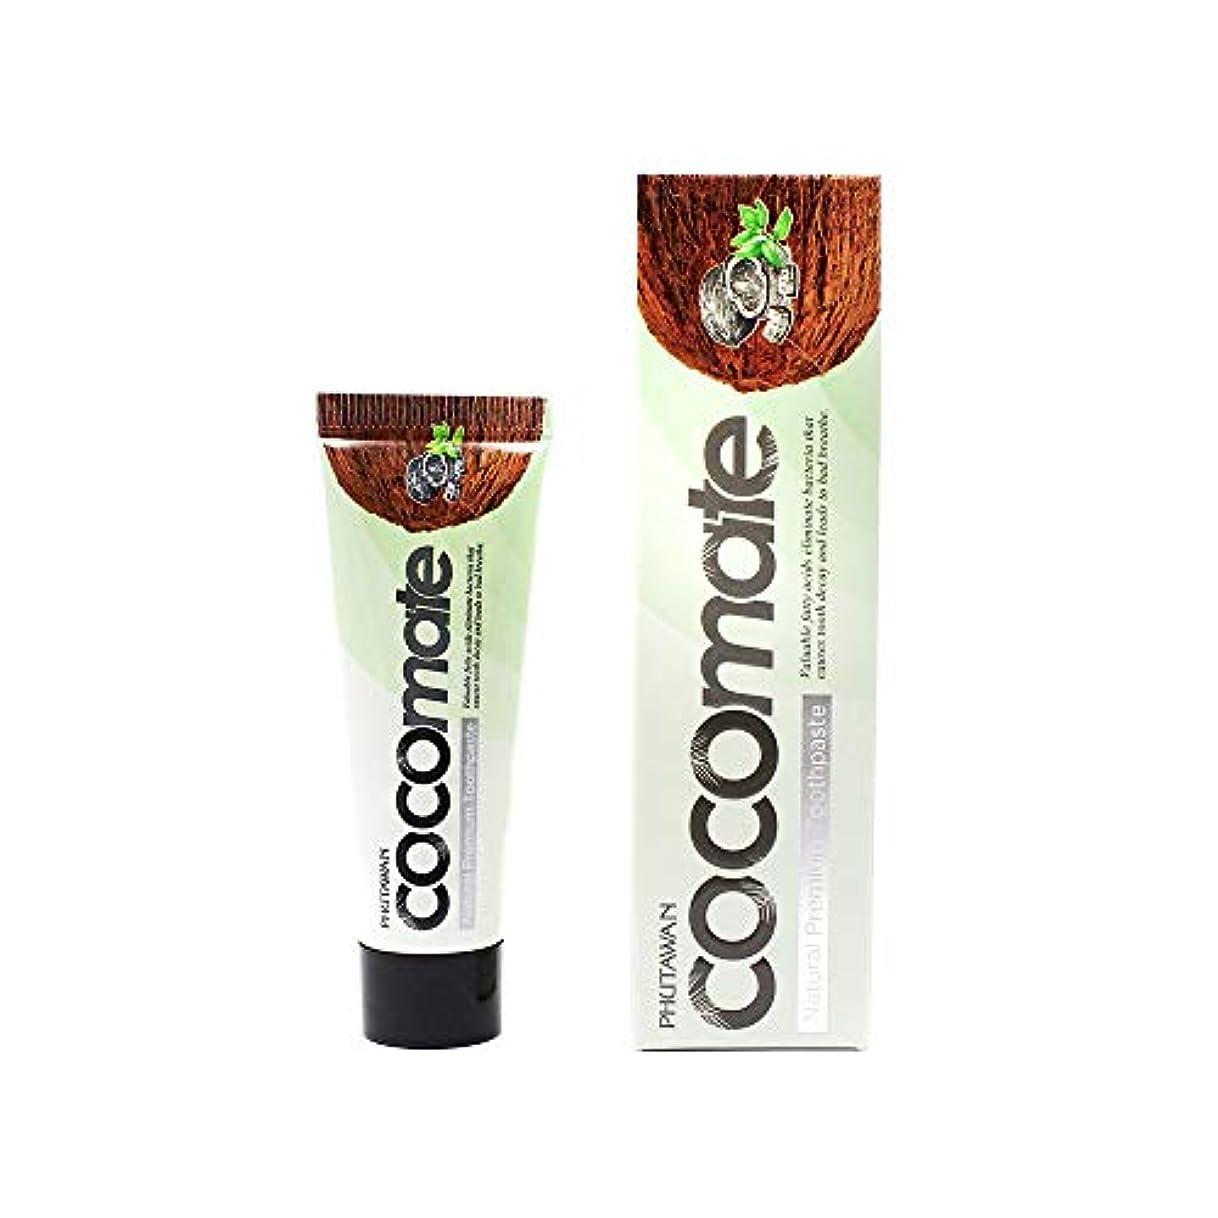 悪化させるメナジェリー剥ぎ取る歯磨き粉 Cocomate Natural Premium Toothpaste